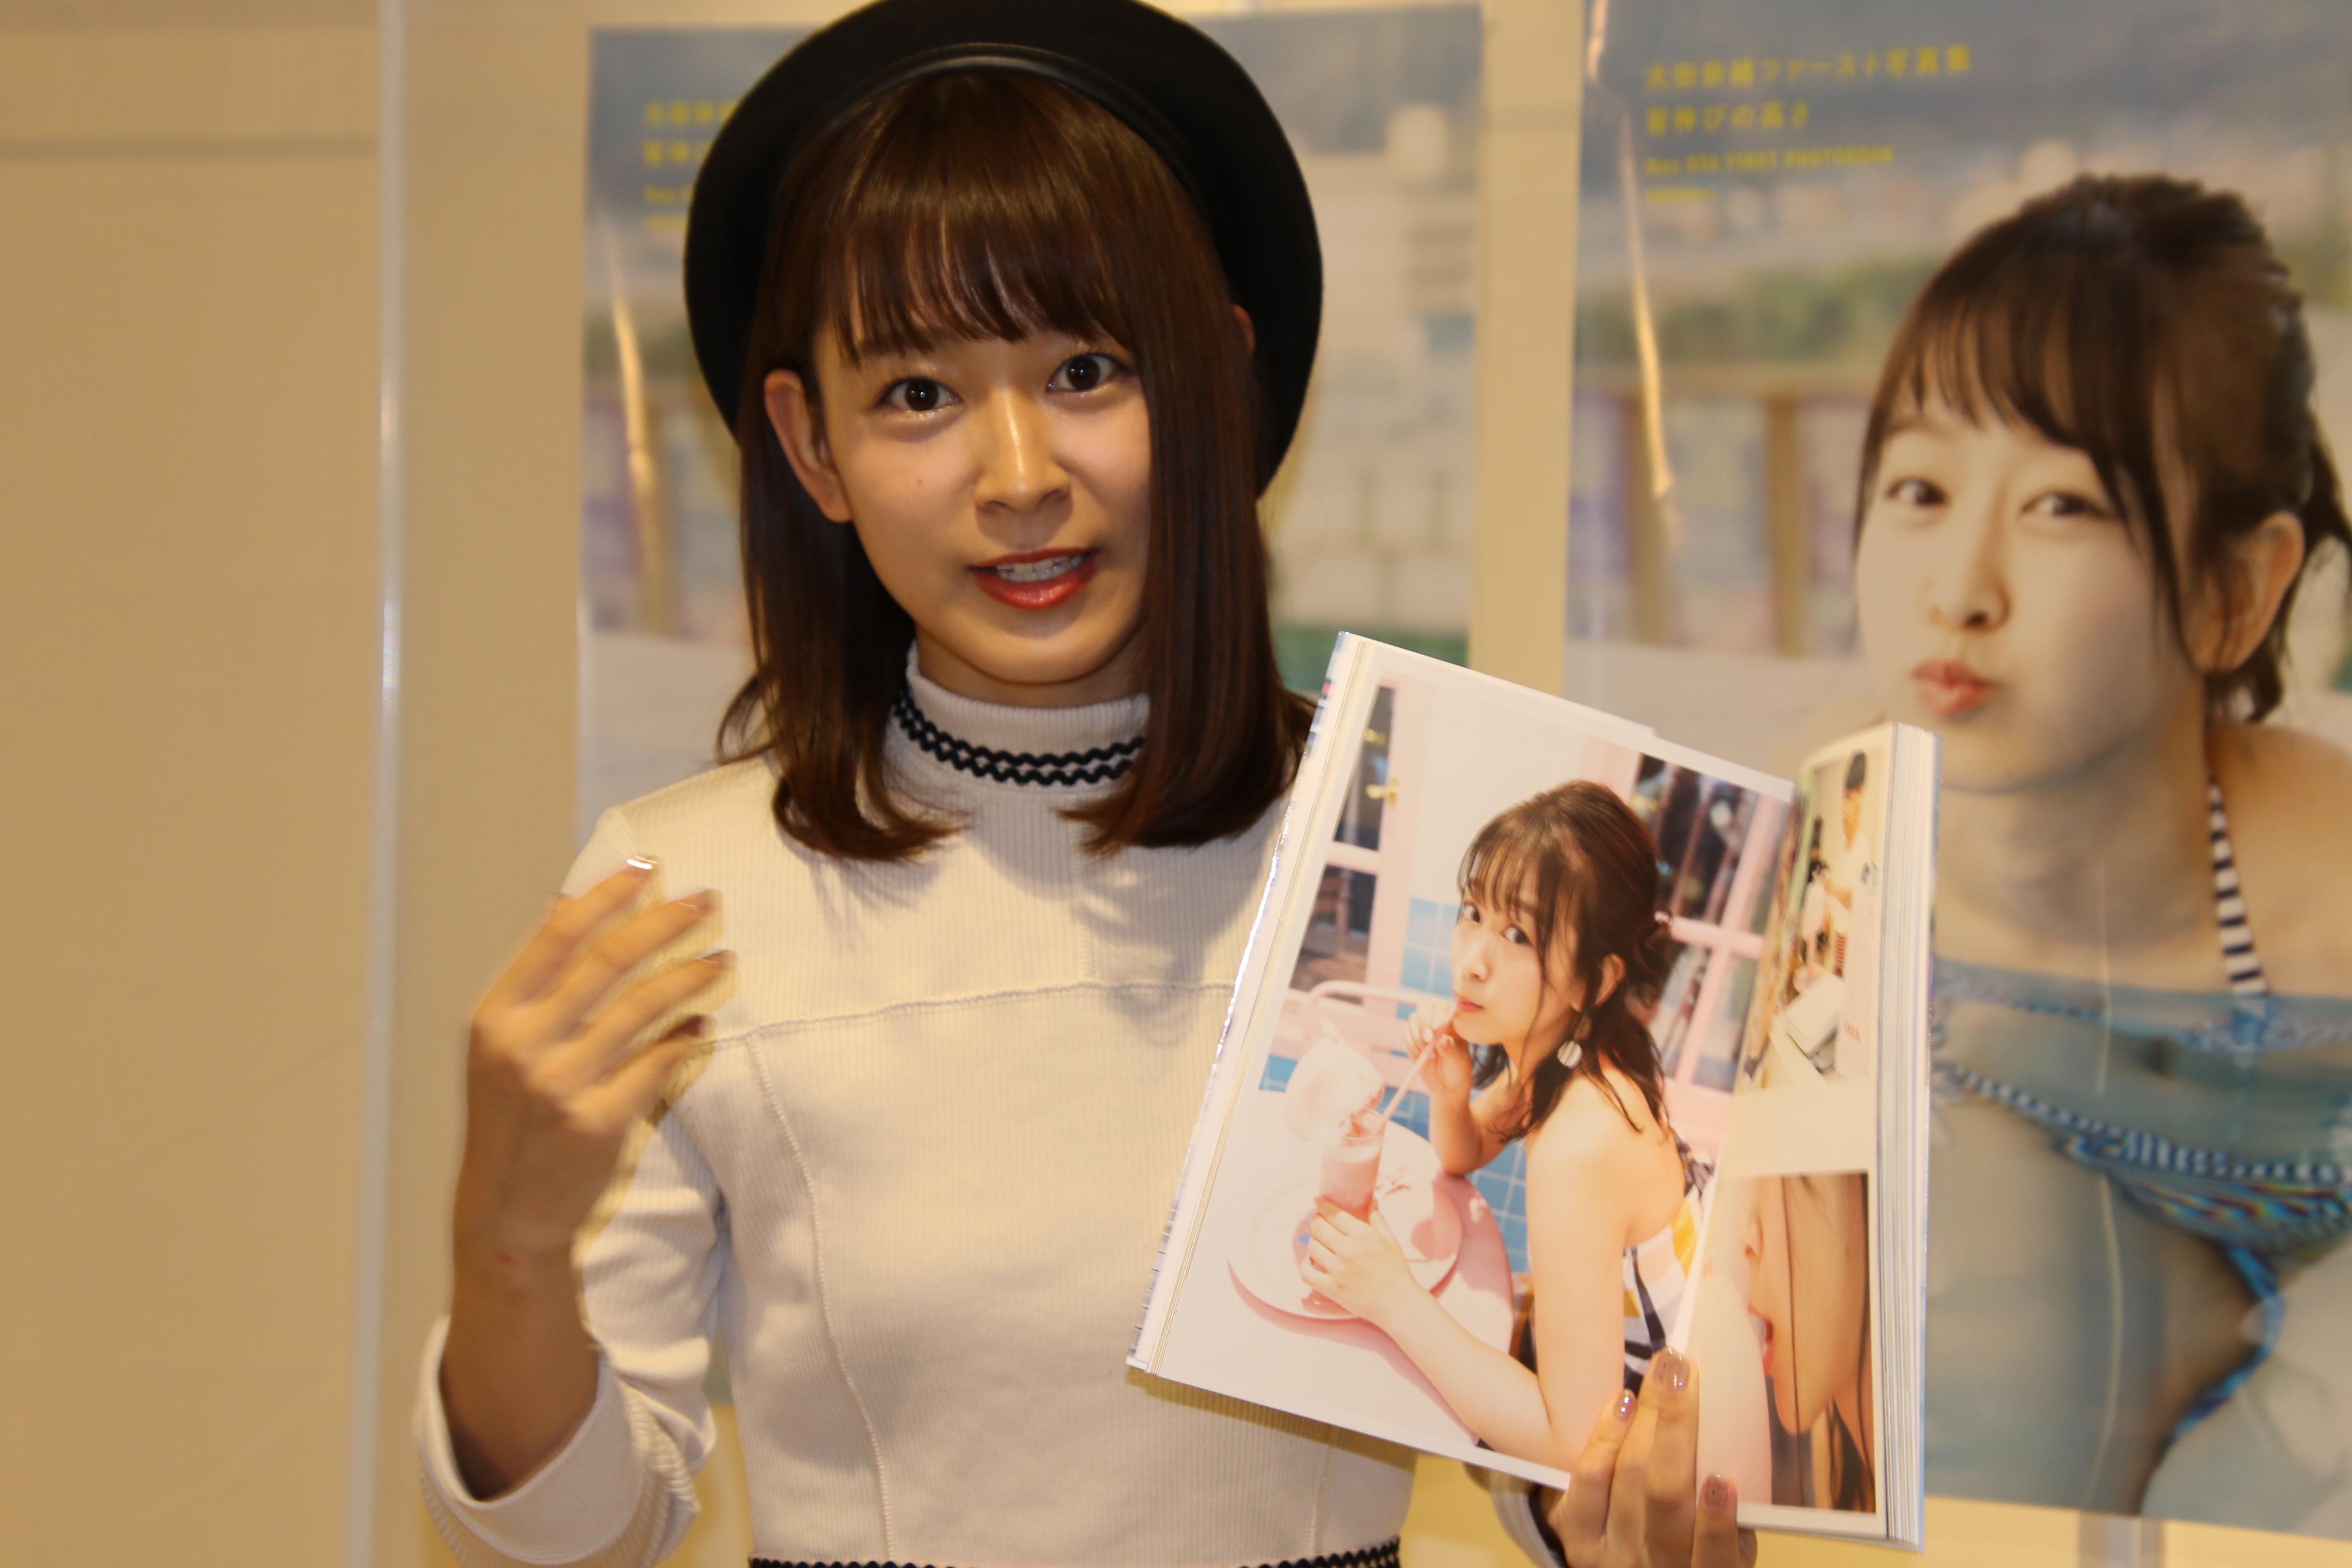 10月8日に行われた渋谷のHMV&BOOKS SHIBUYAでのお渡し会でも完売を達成した太田奈緒